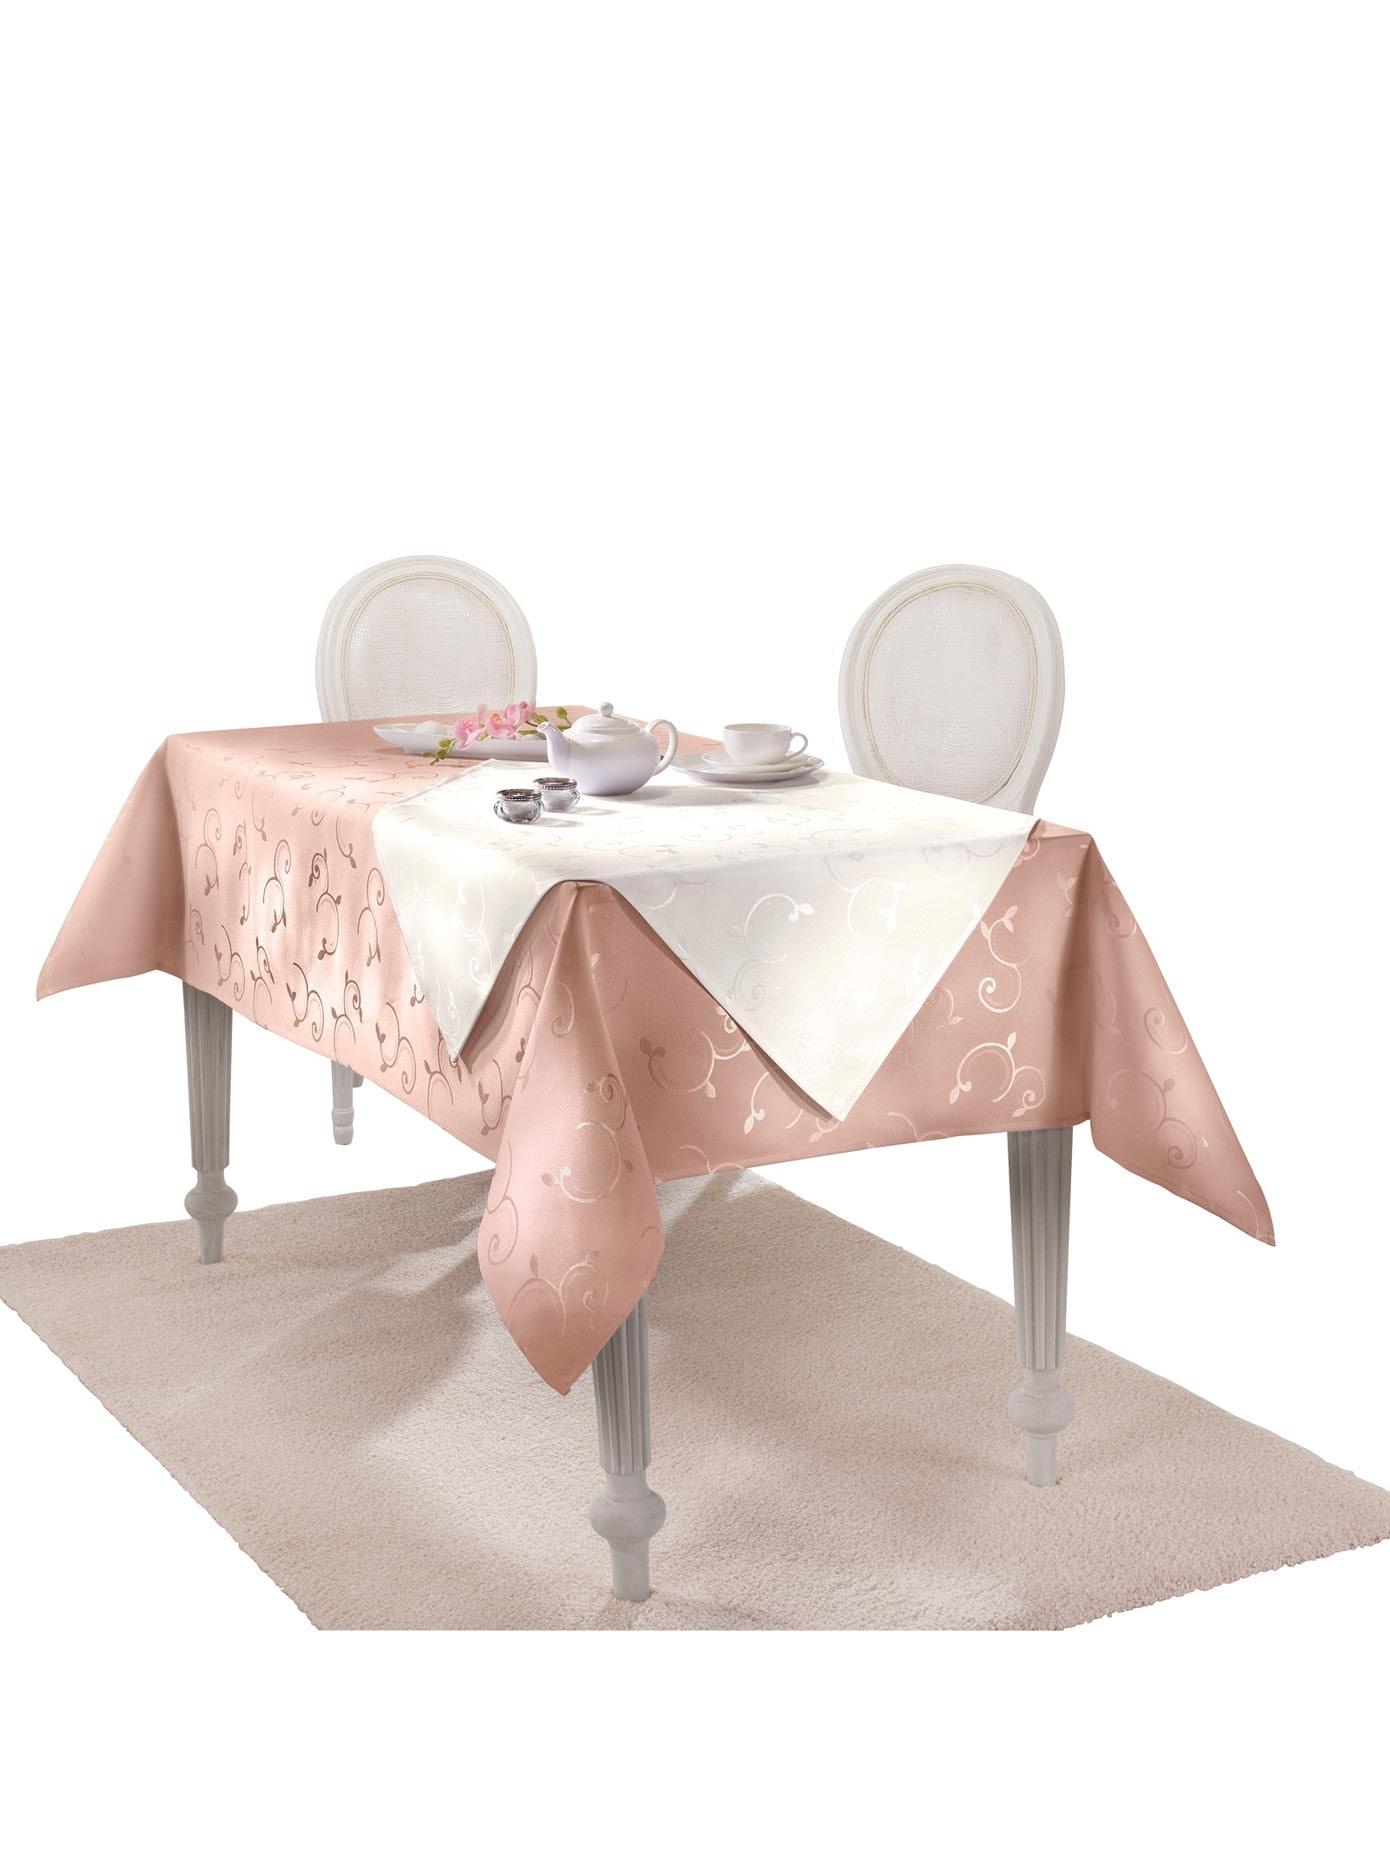 Dohle&Menk Dohle Tischdecke rosa Tischdecken Tischwäsche